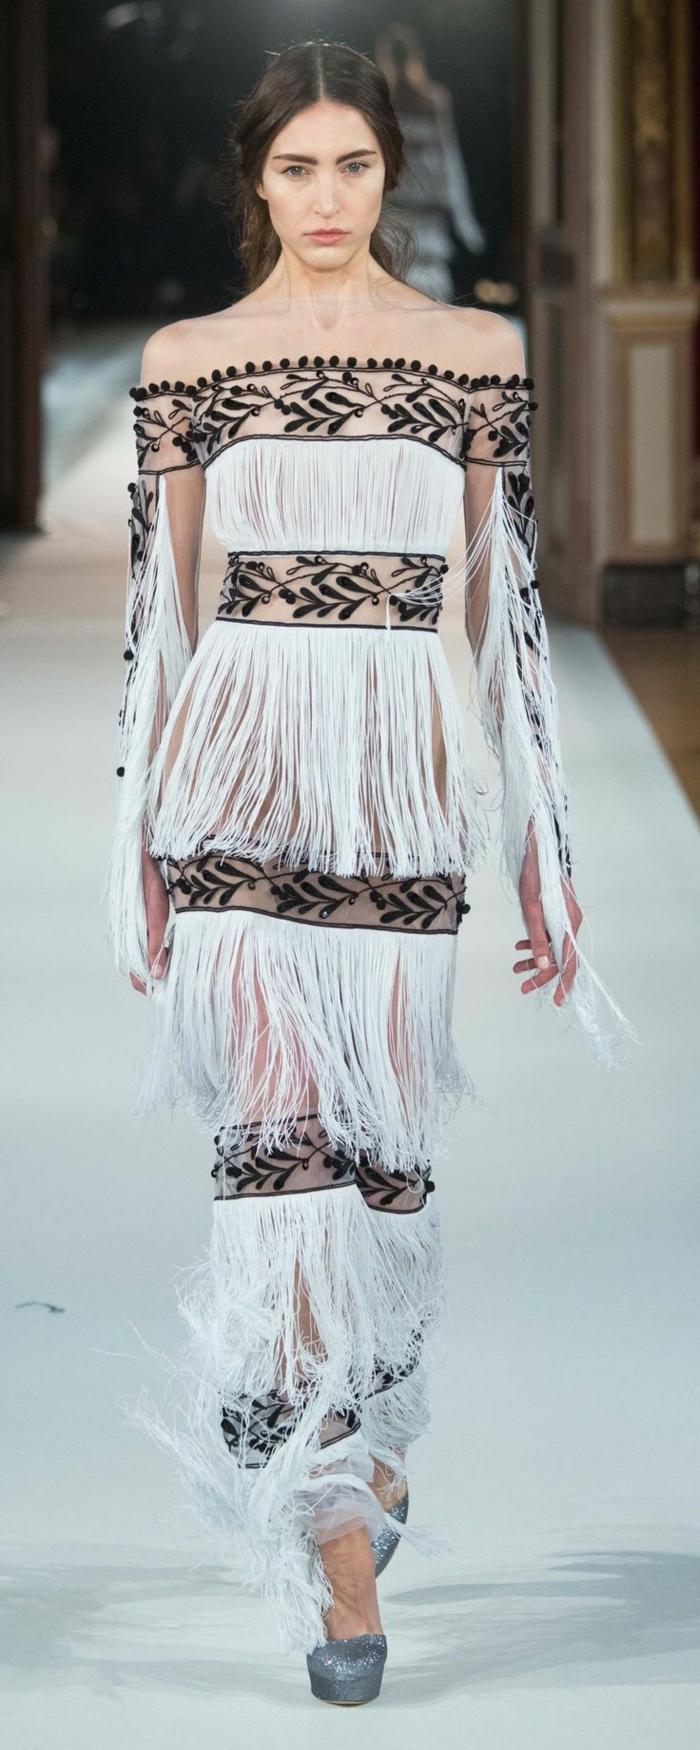 schwarz-weißes schlterfreies Kleid aus Troddeln und Spitze, schwarze Spitze mit Blättermotiven und Kristallen, Kleid ohne Ärmel, getragen mit silbernen Plattformschuhen mit Glitzer